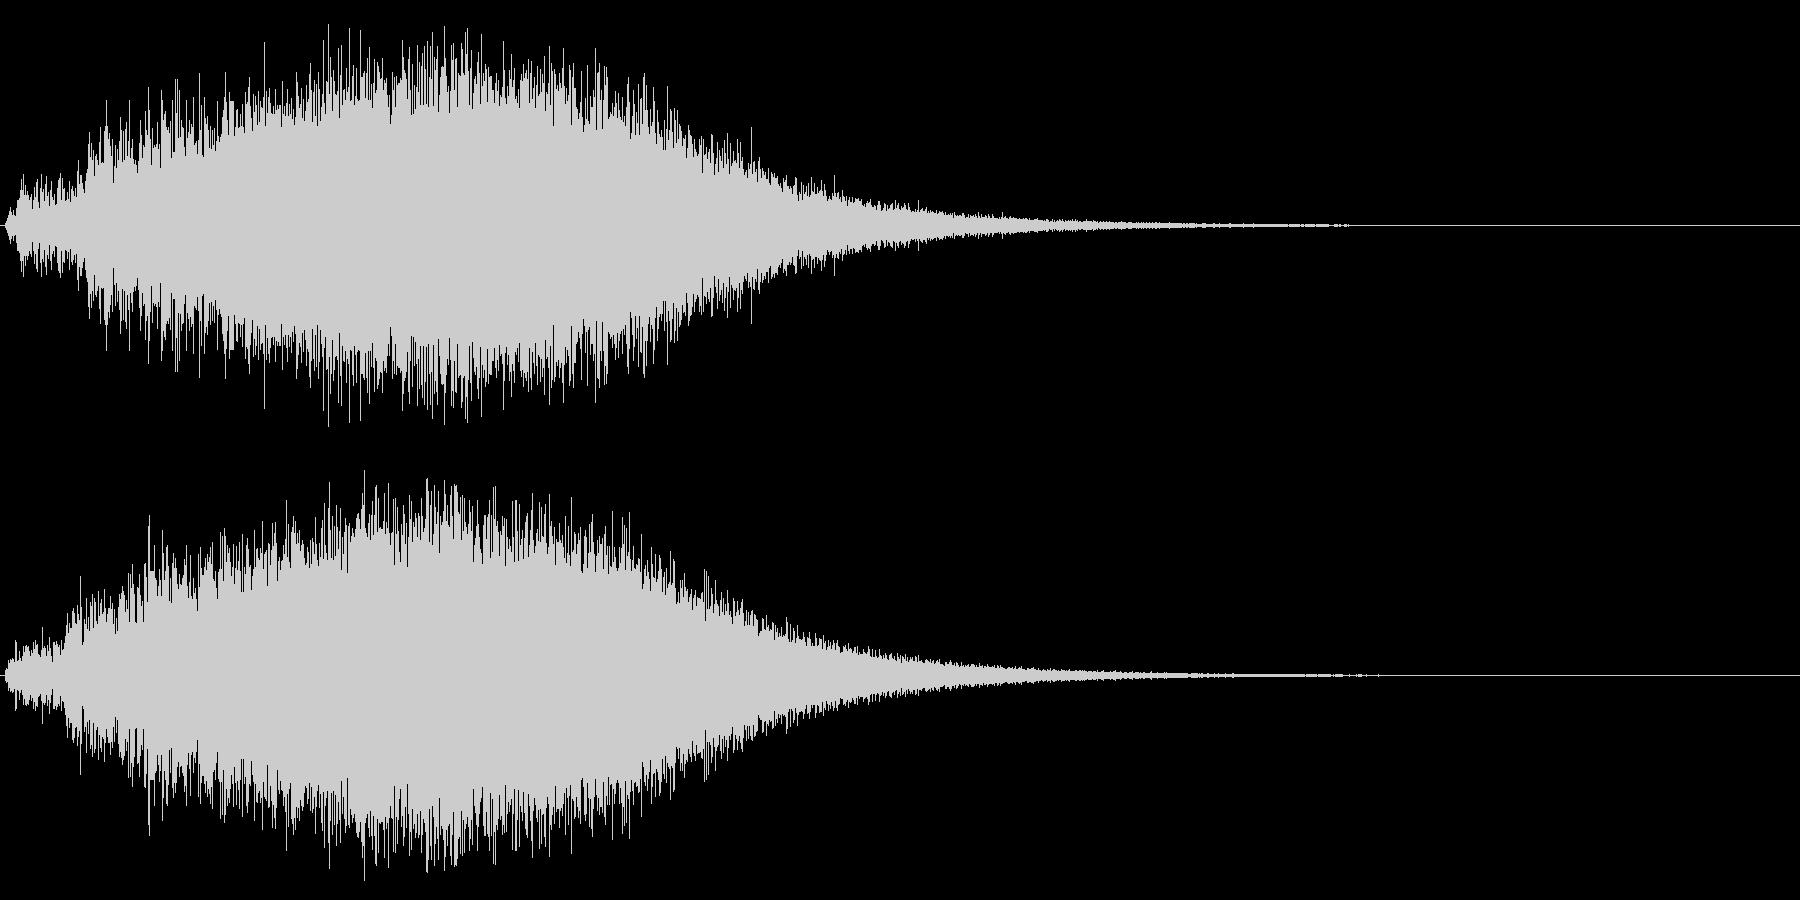 Dark_SweepUp-03Delayの未再生の波形